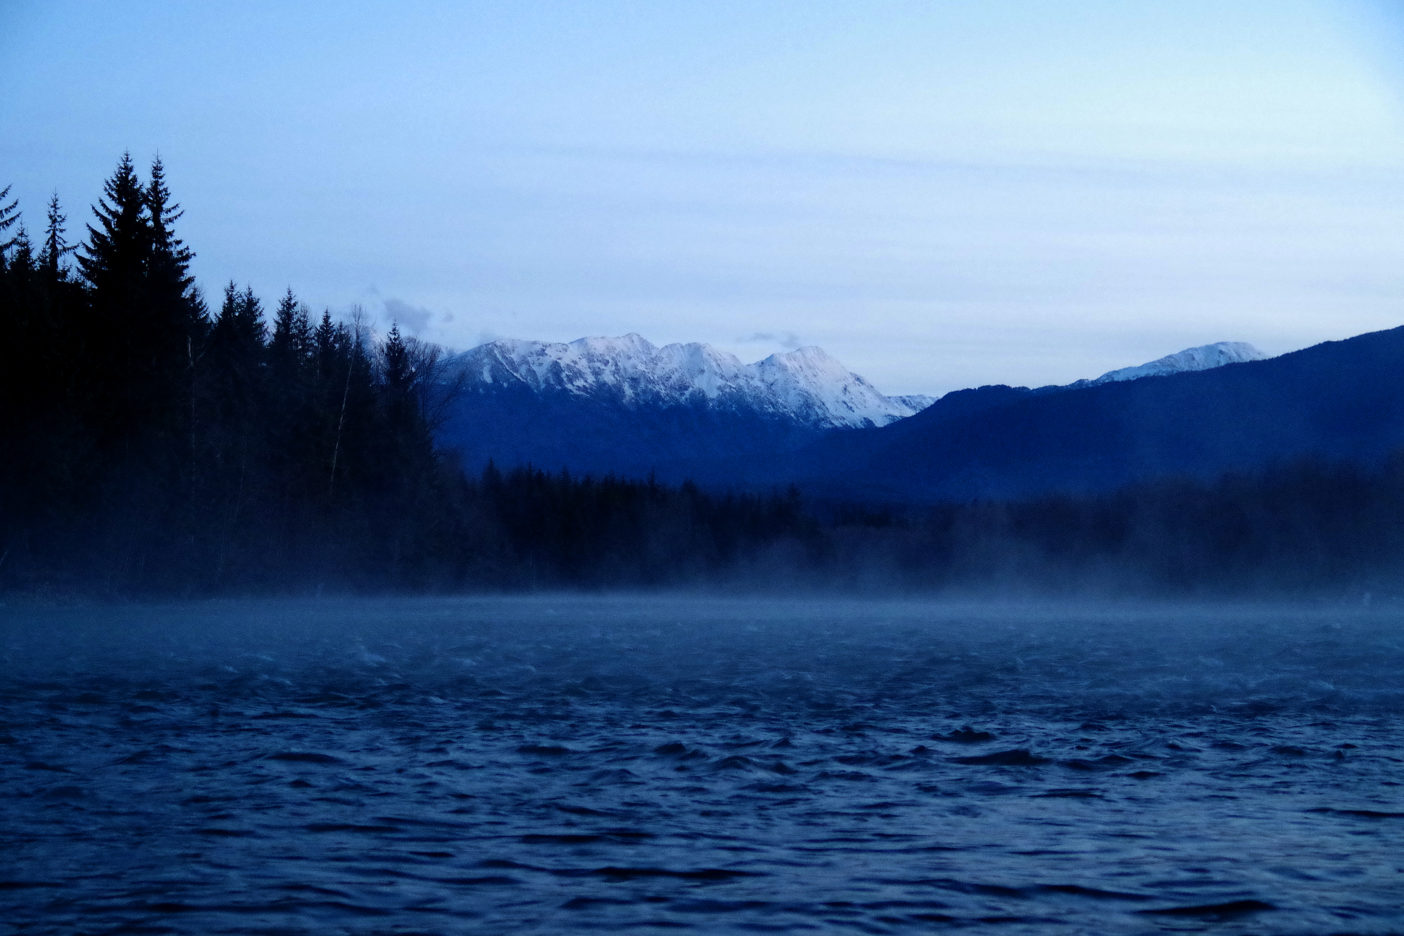 早朝、川面より霧が立ち込めるケイラム川。写真:足立信正